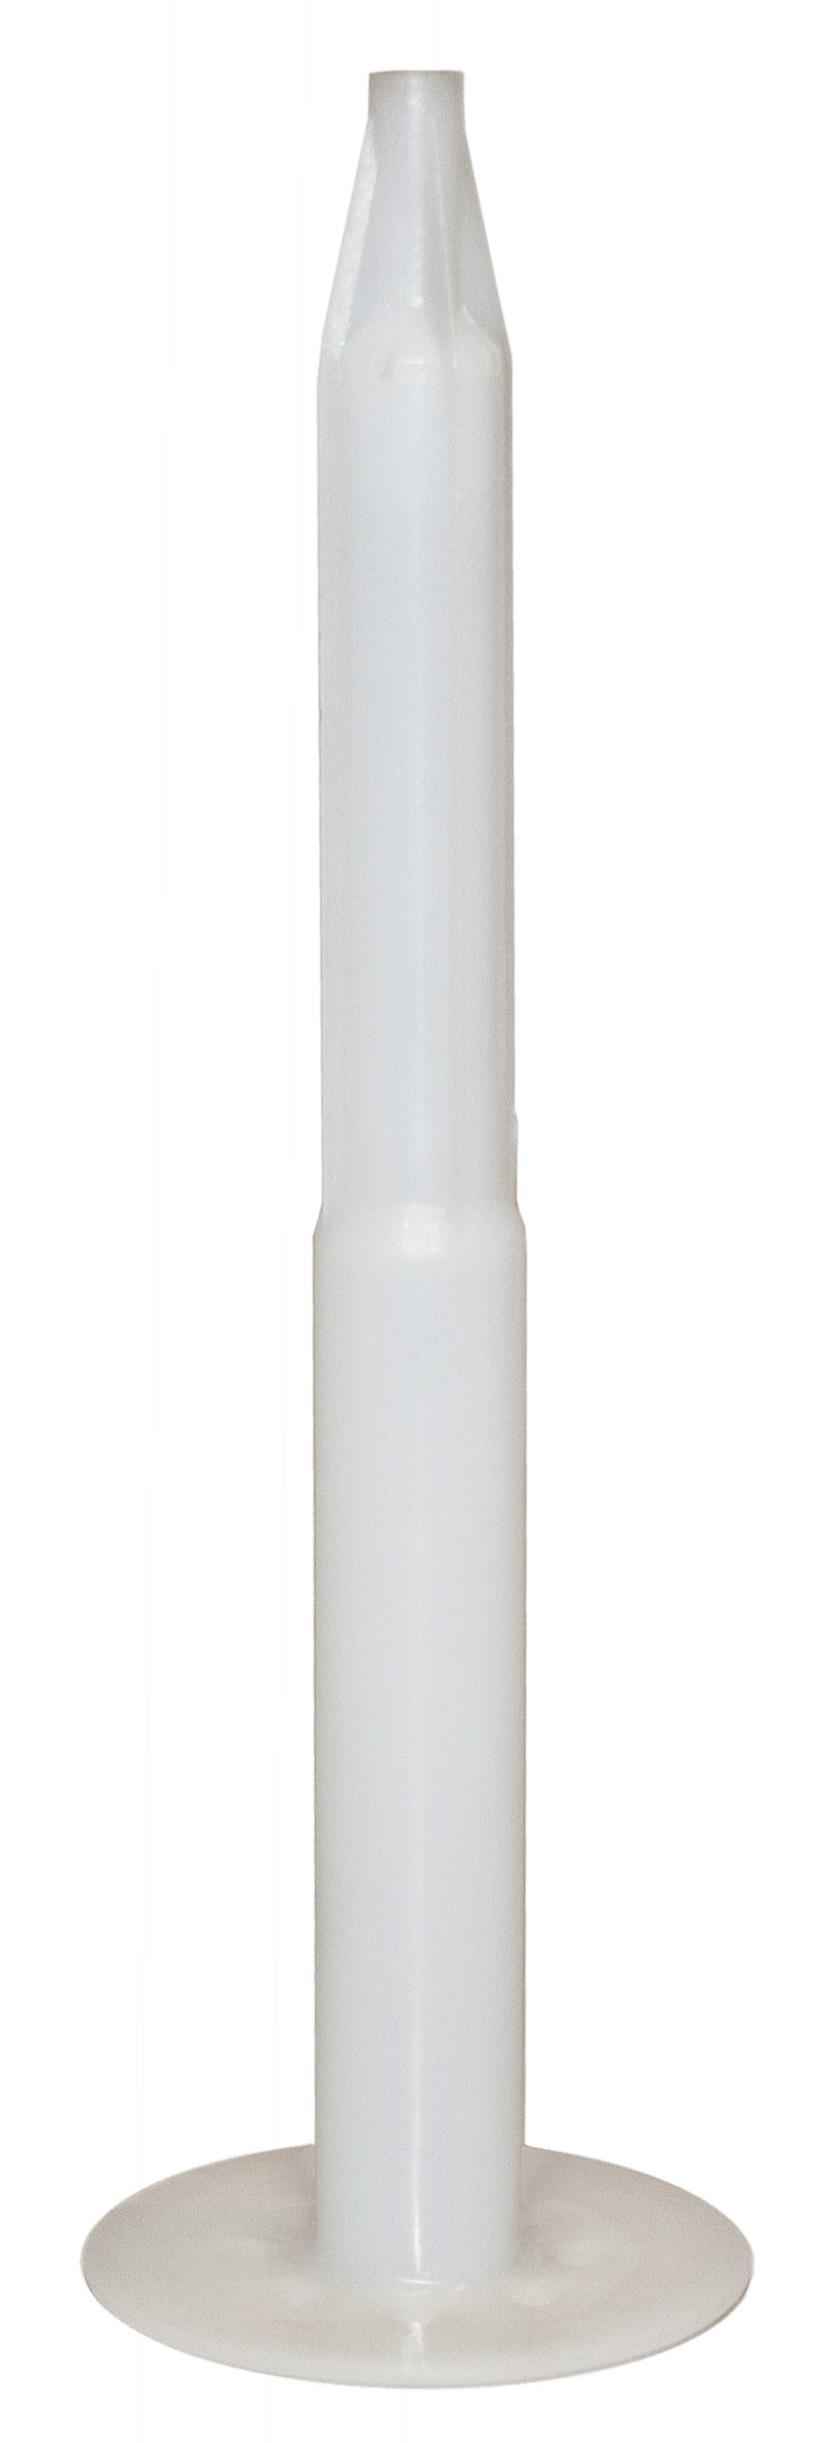 Ergofast 18406002009550 Isolerhållare TILL EF140 LD/HD 200 mm 200-pack